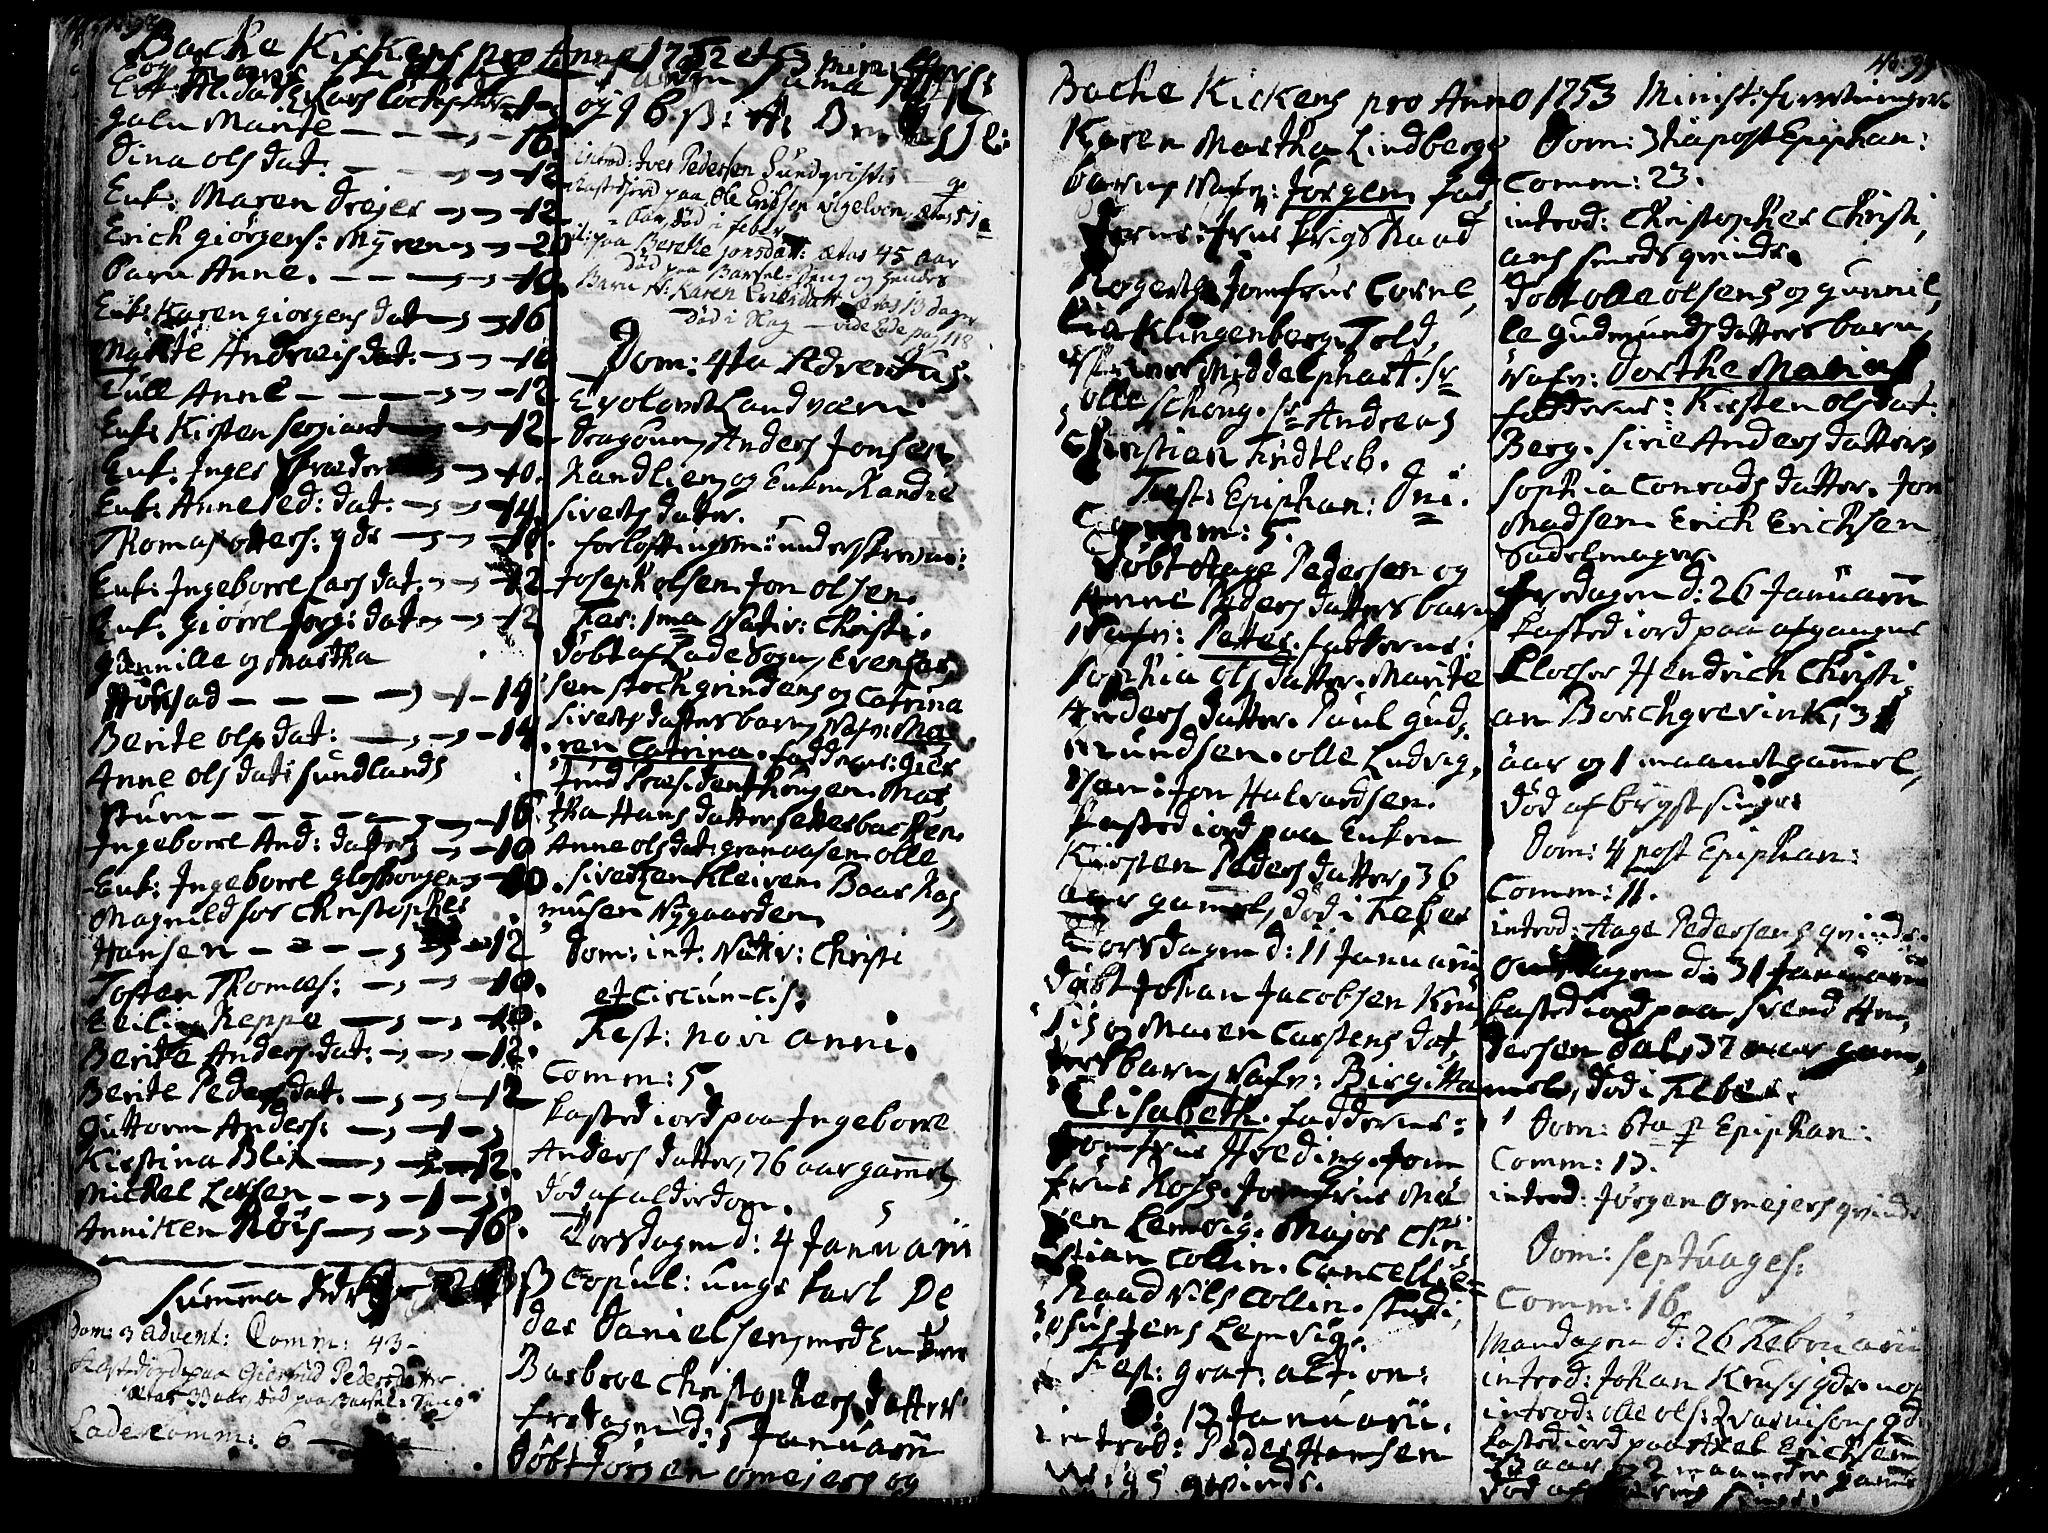 SAT, Ministerialprotokoller, klokkerbøker og fødselsregistre - Sør-Trøndelag, 606/L0276: Ministerialbok nr. 606A01 /2, 1727-1779, s. 98-99